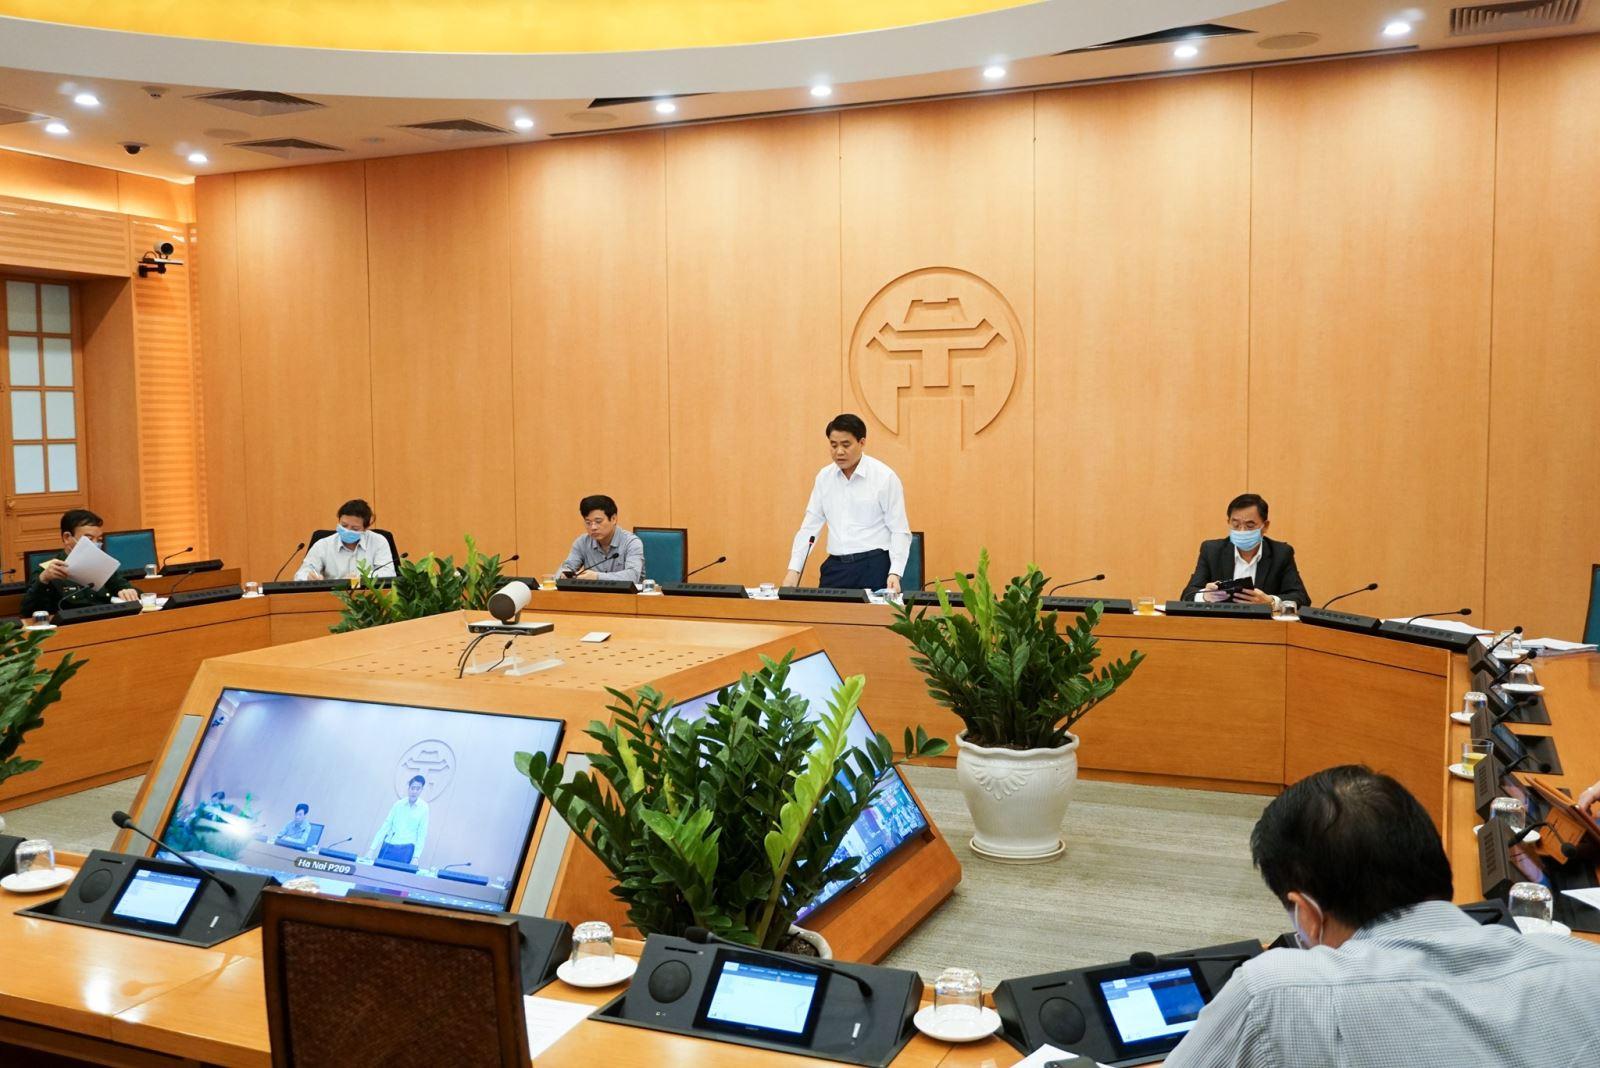 Hà Nội: Xét nghiệm nhanh các chợ đầu mối trong hai ngày cuối tuần để đánh giá tốc độ lây nhiễm